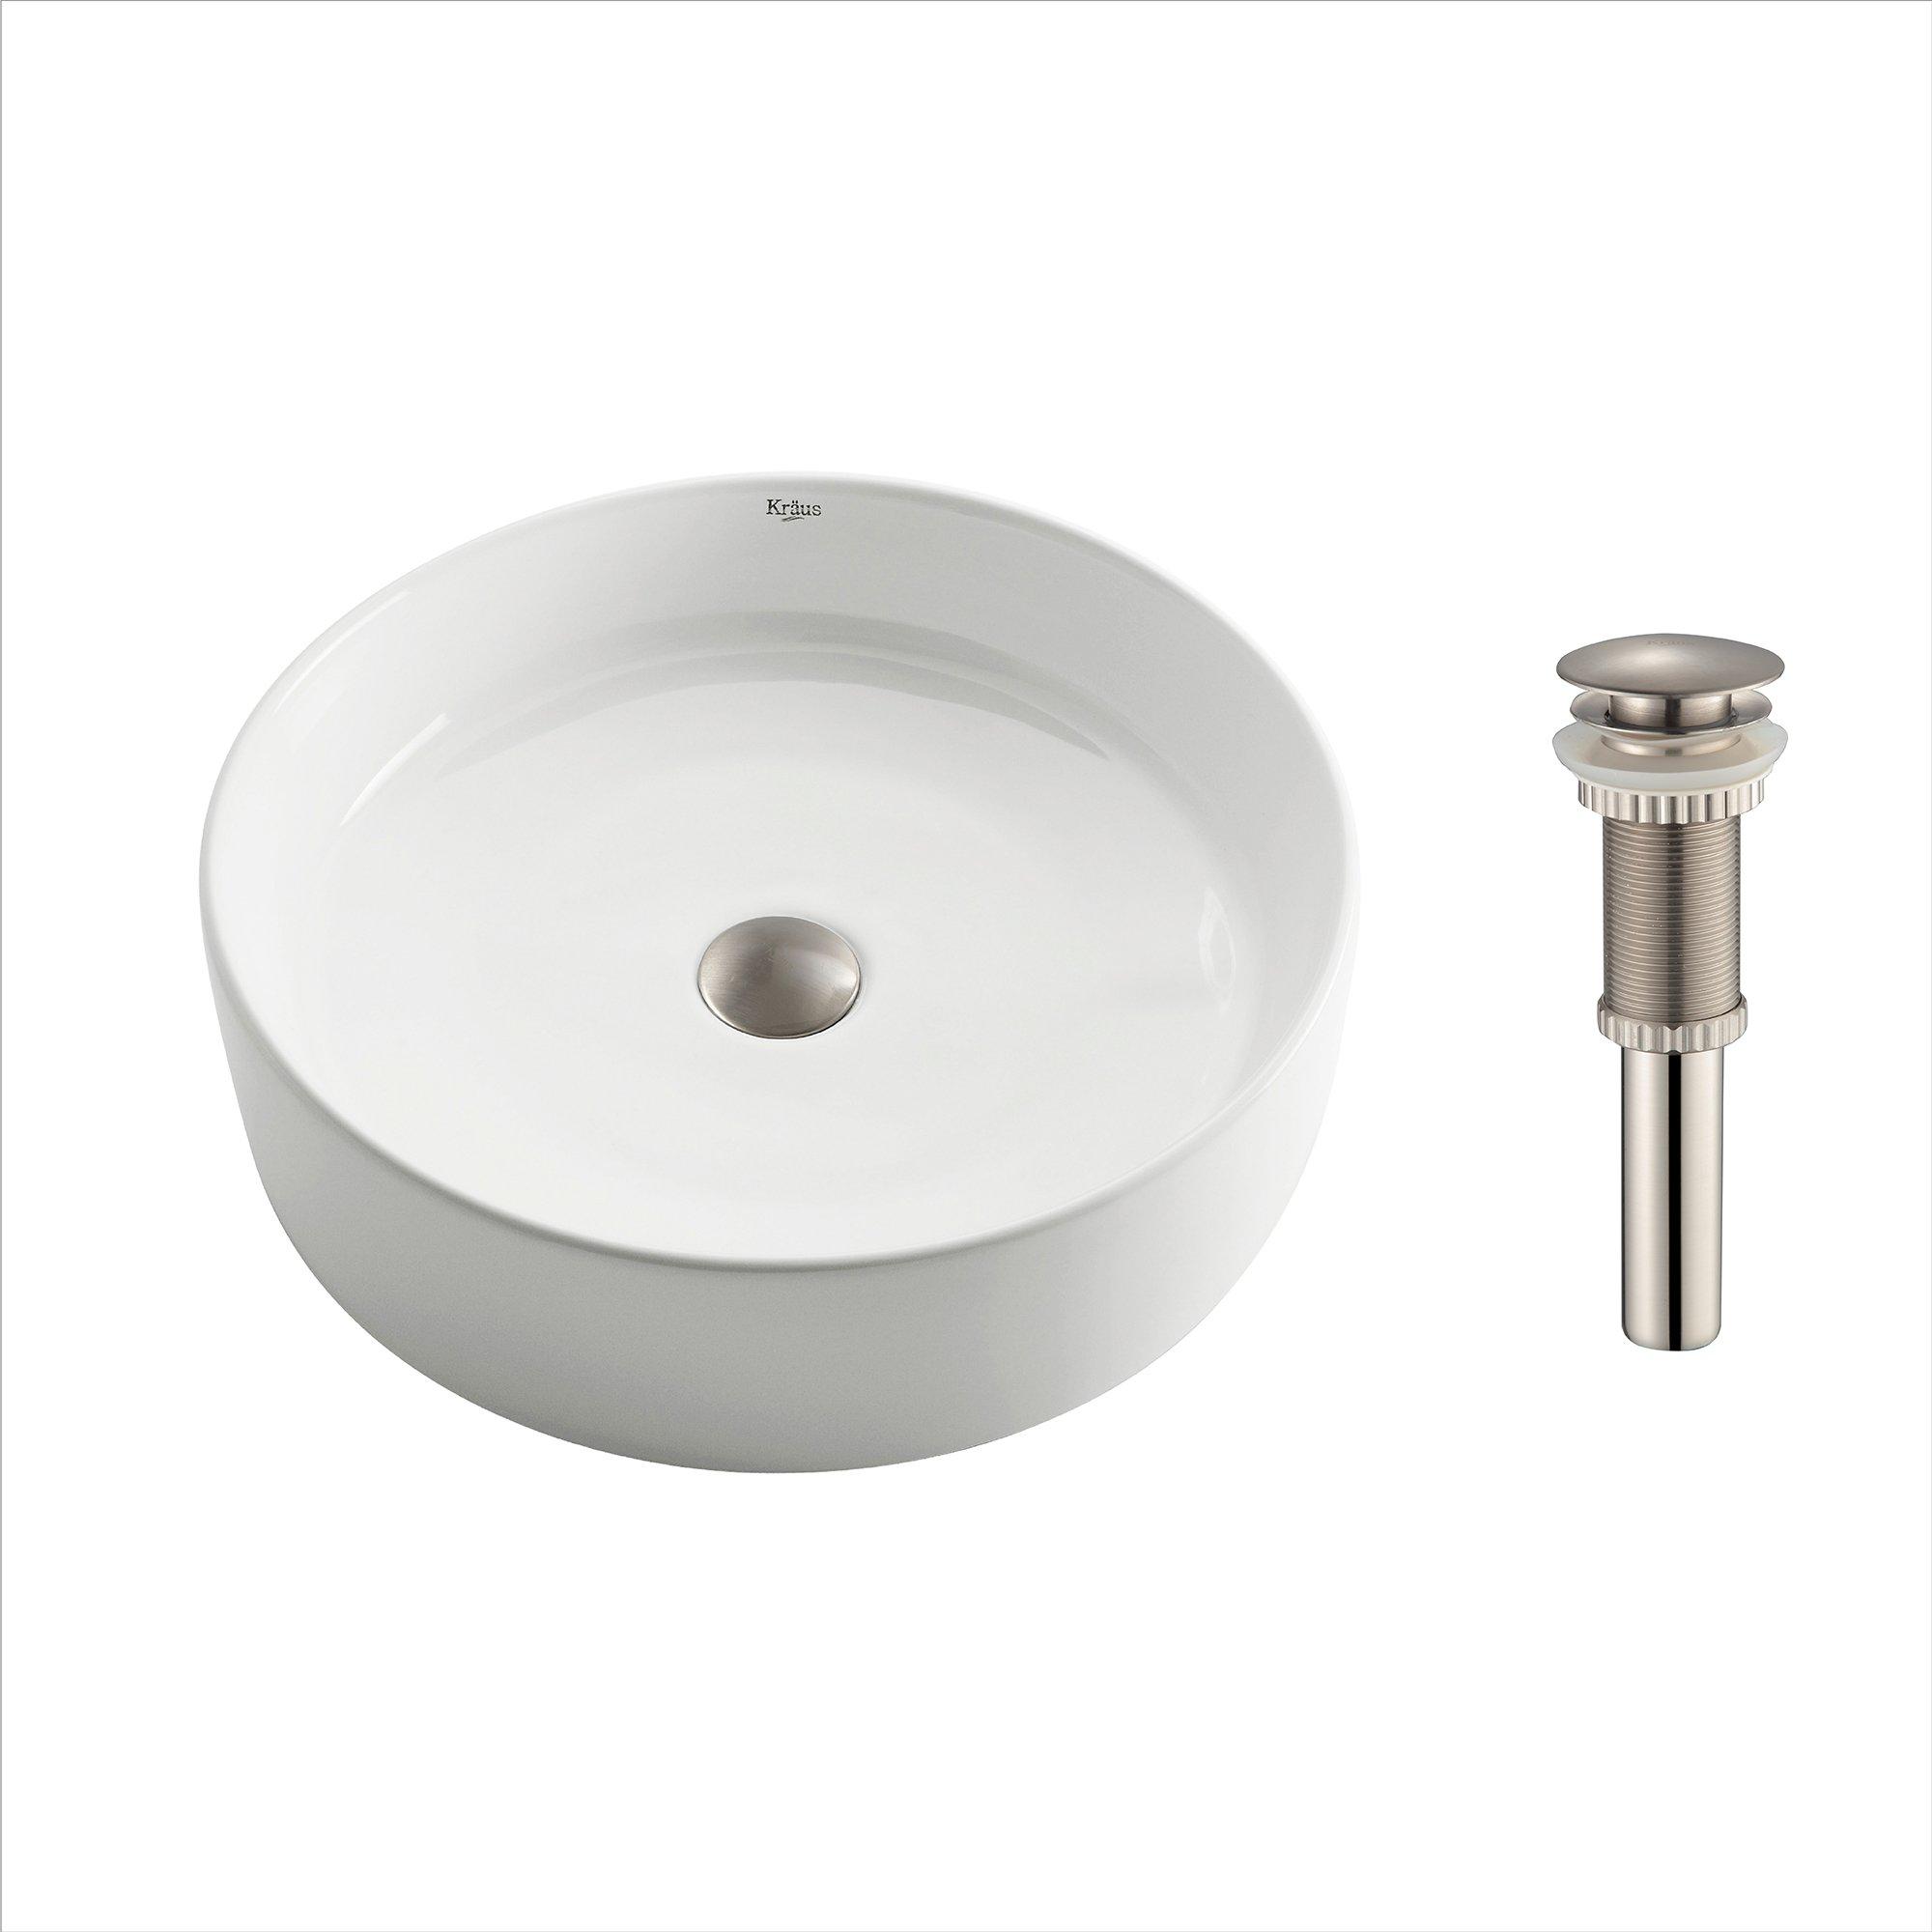 Kraus KCV-140-SN White Round Ceramic Bathroom Sink with Pop Up Drain Satin Nickel